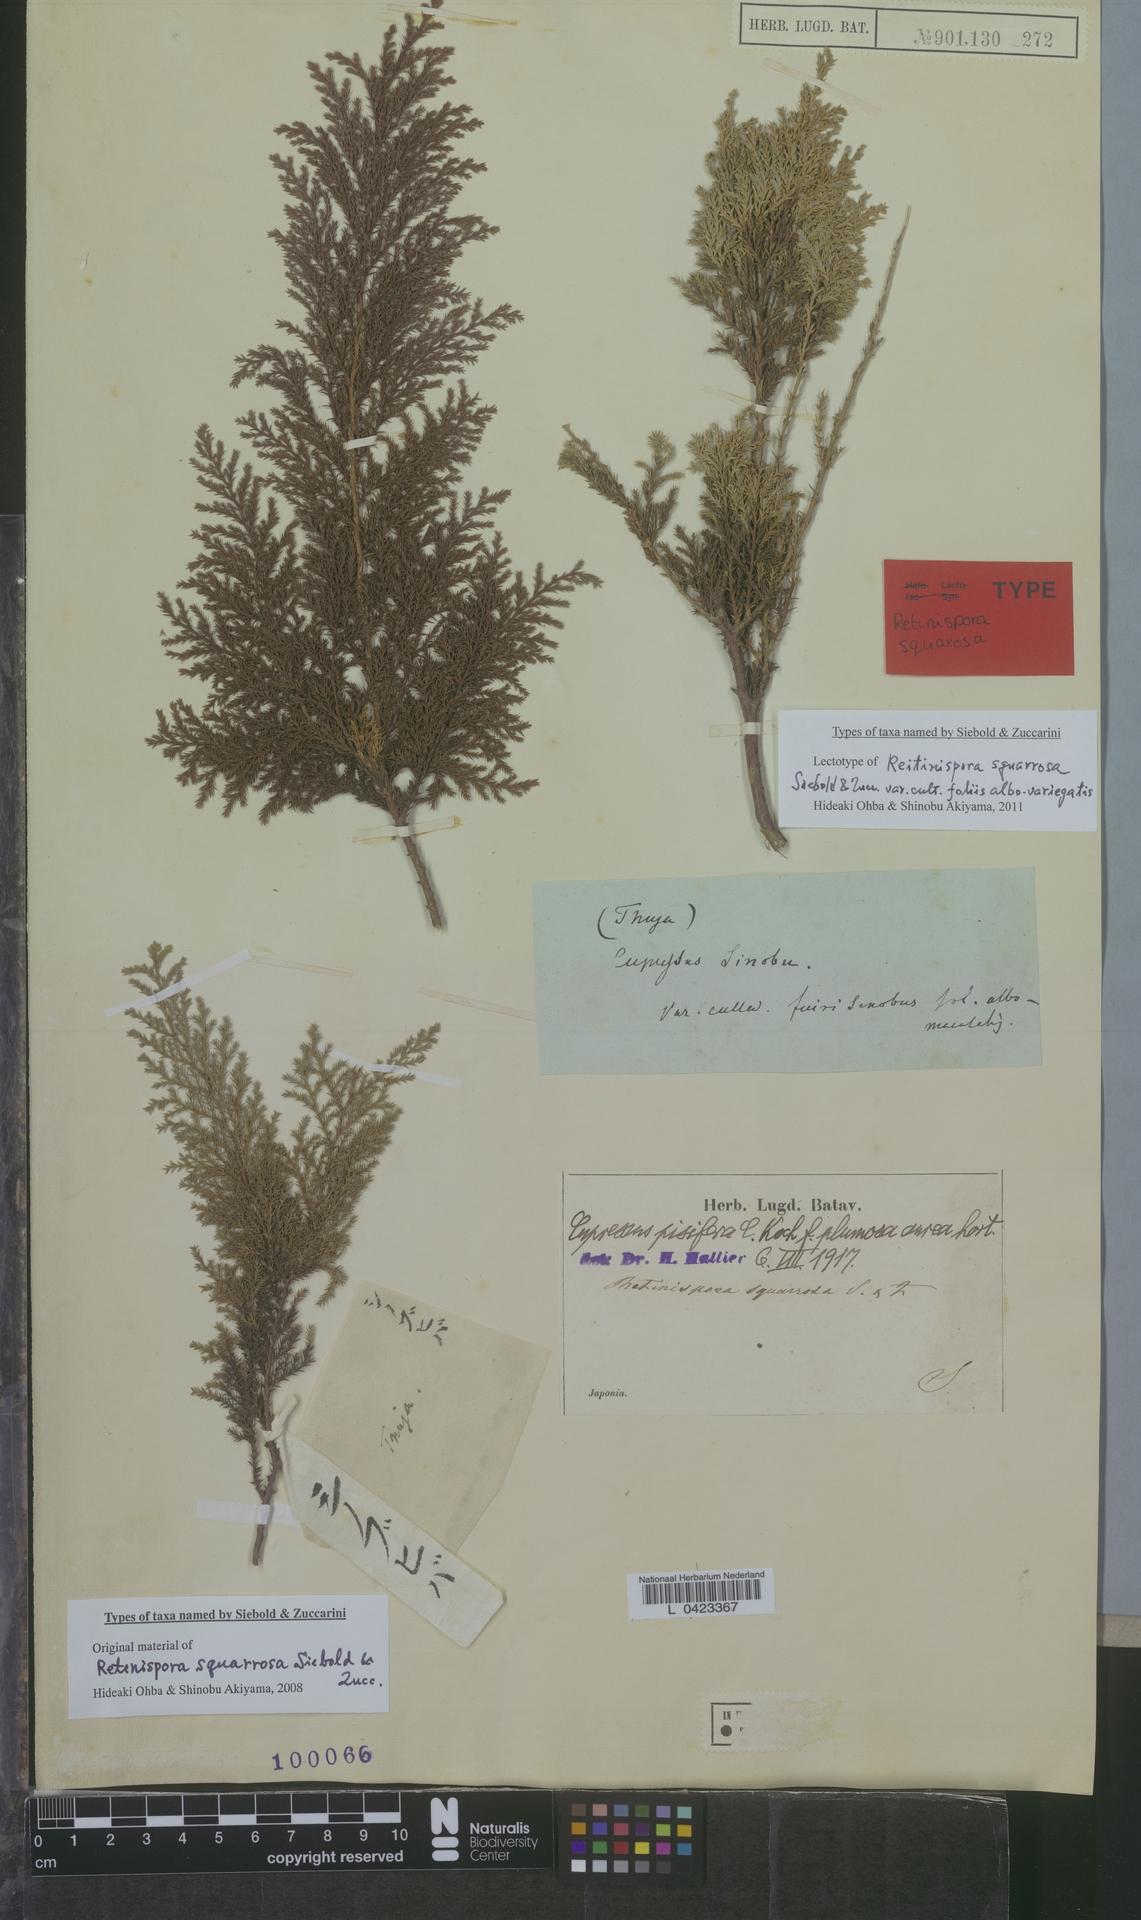 L  0423367 | Cupressus pisifera f. plumosaaurea Hort.